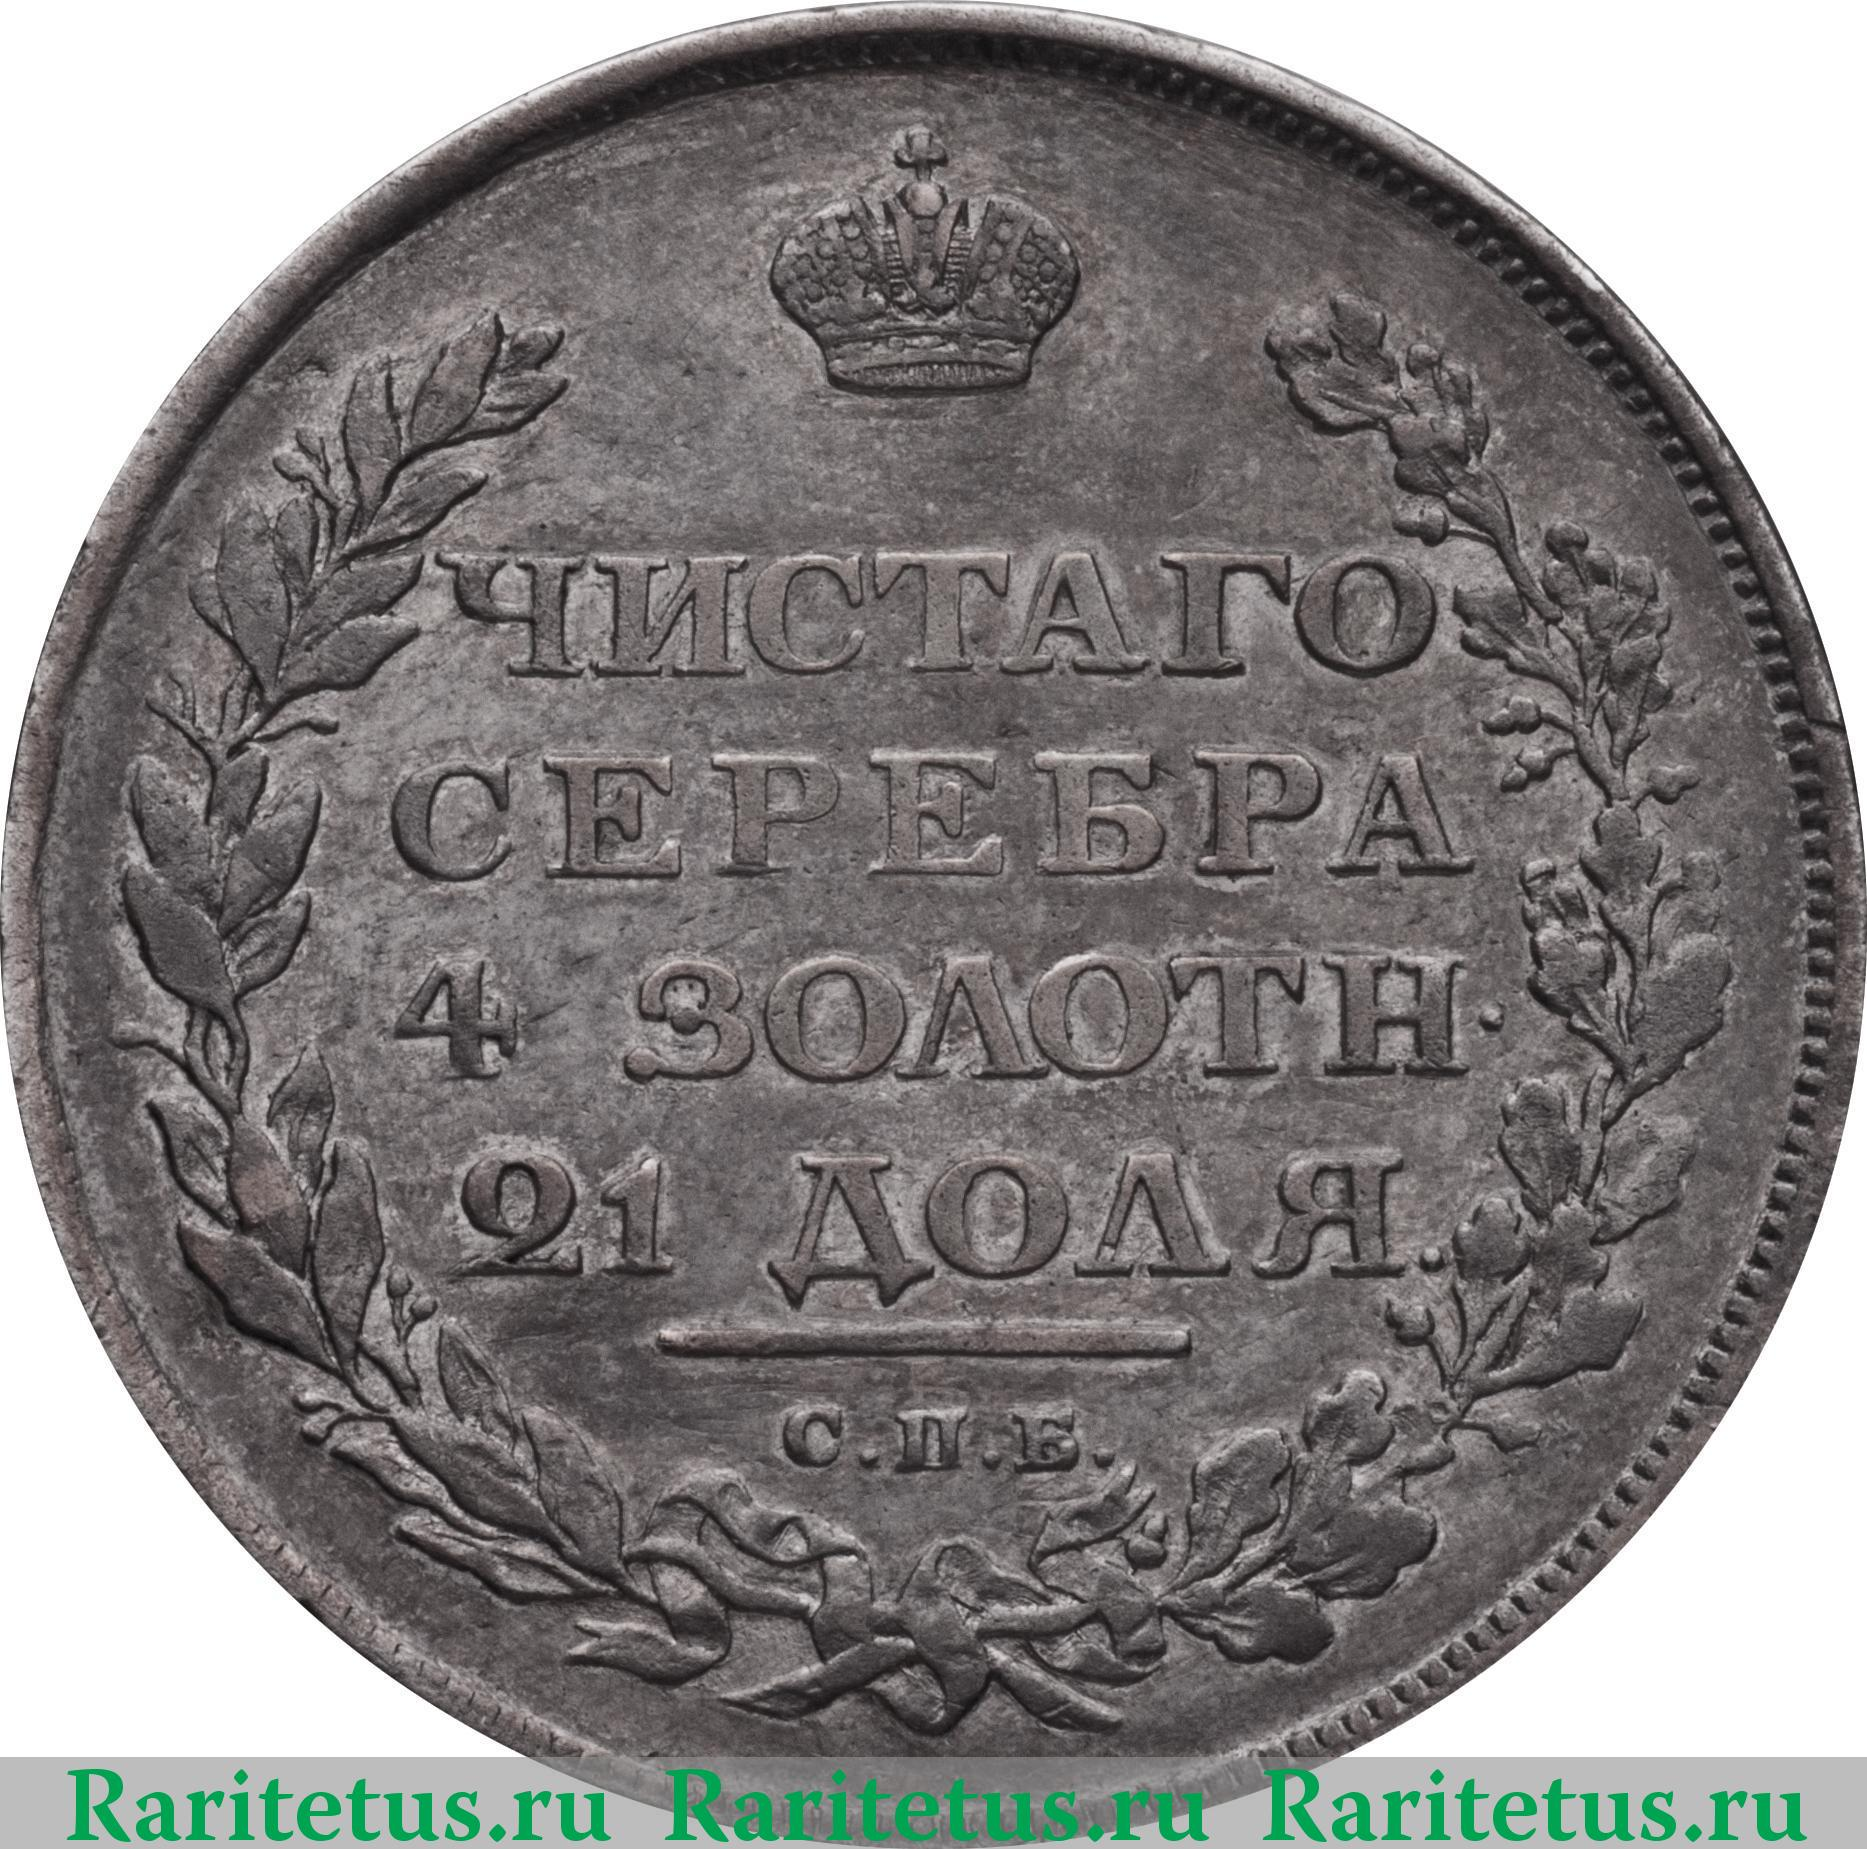 Монета рубль 1810 год стоимость листы universal для монет в холдерах lindner